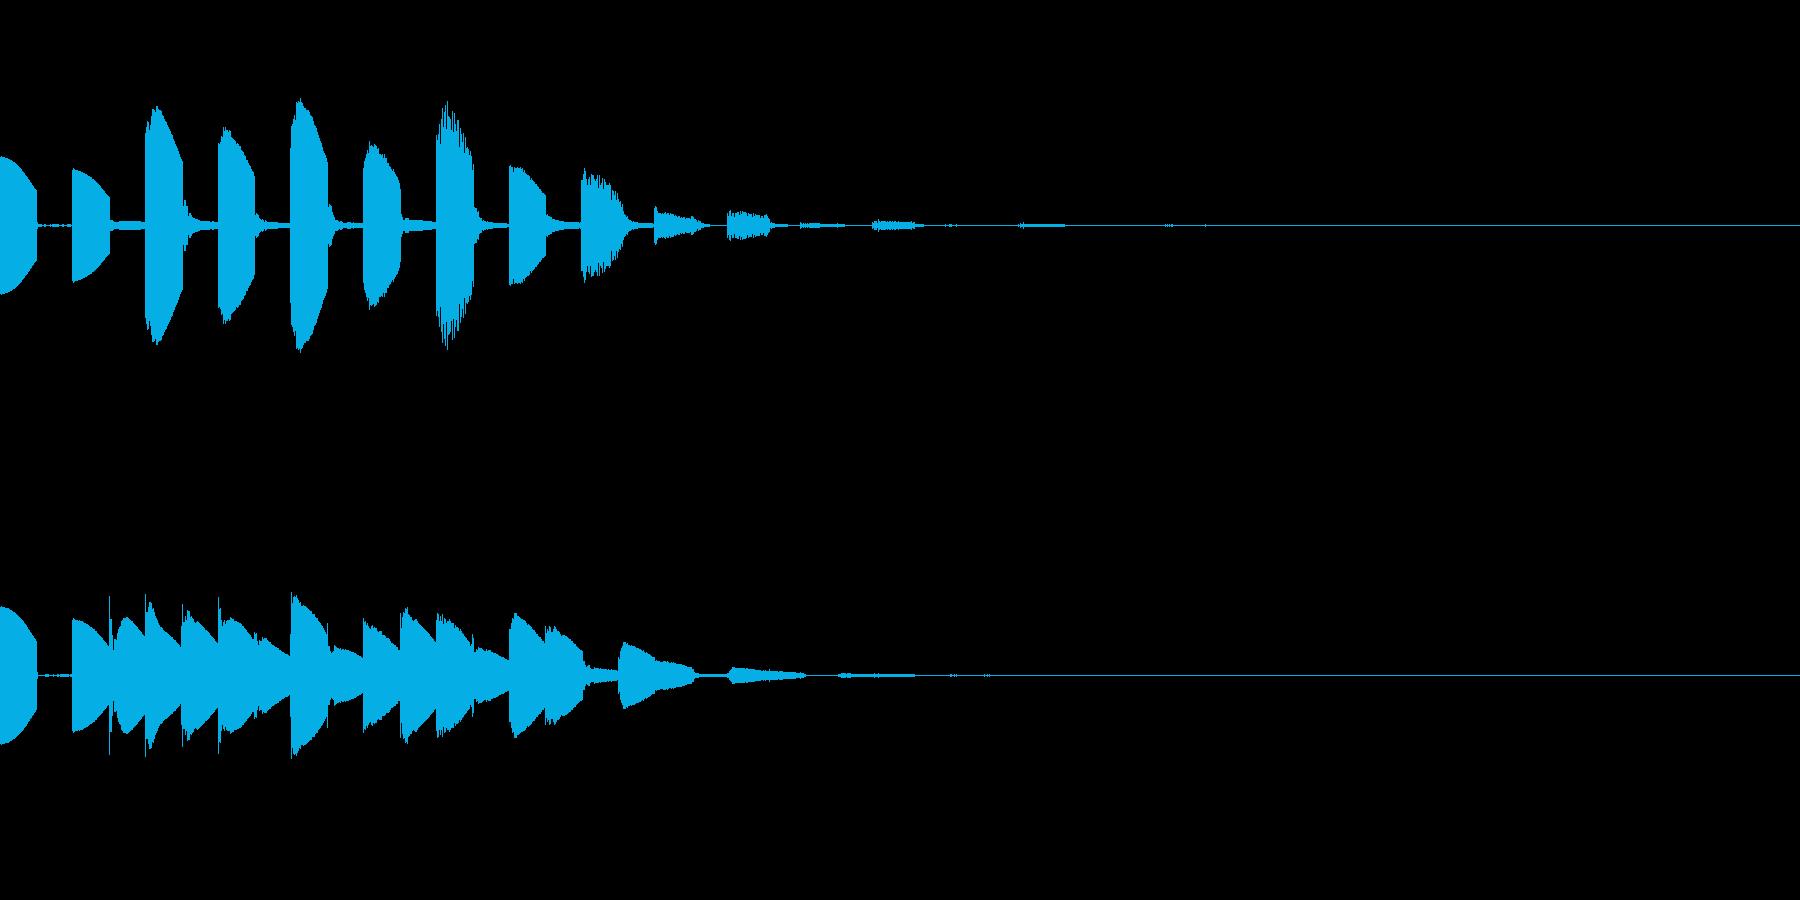 ピコピコで綺麗な高音(宇宙/深海/癒し2の再生済みの波形